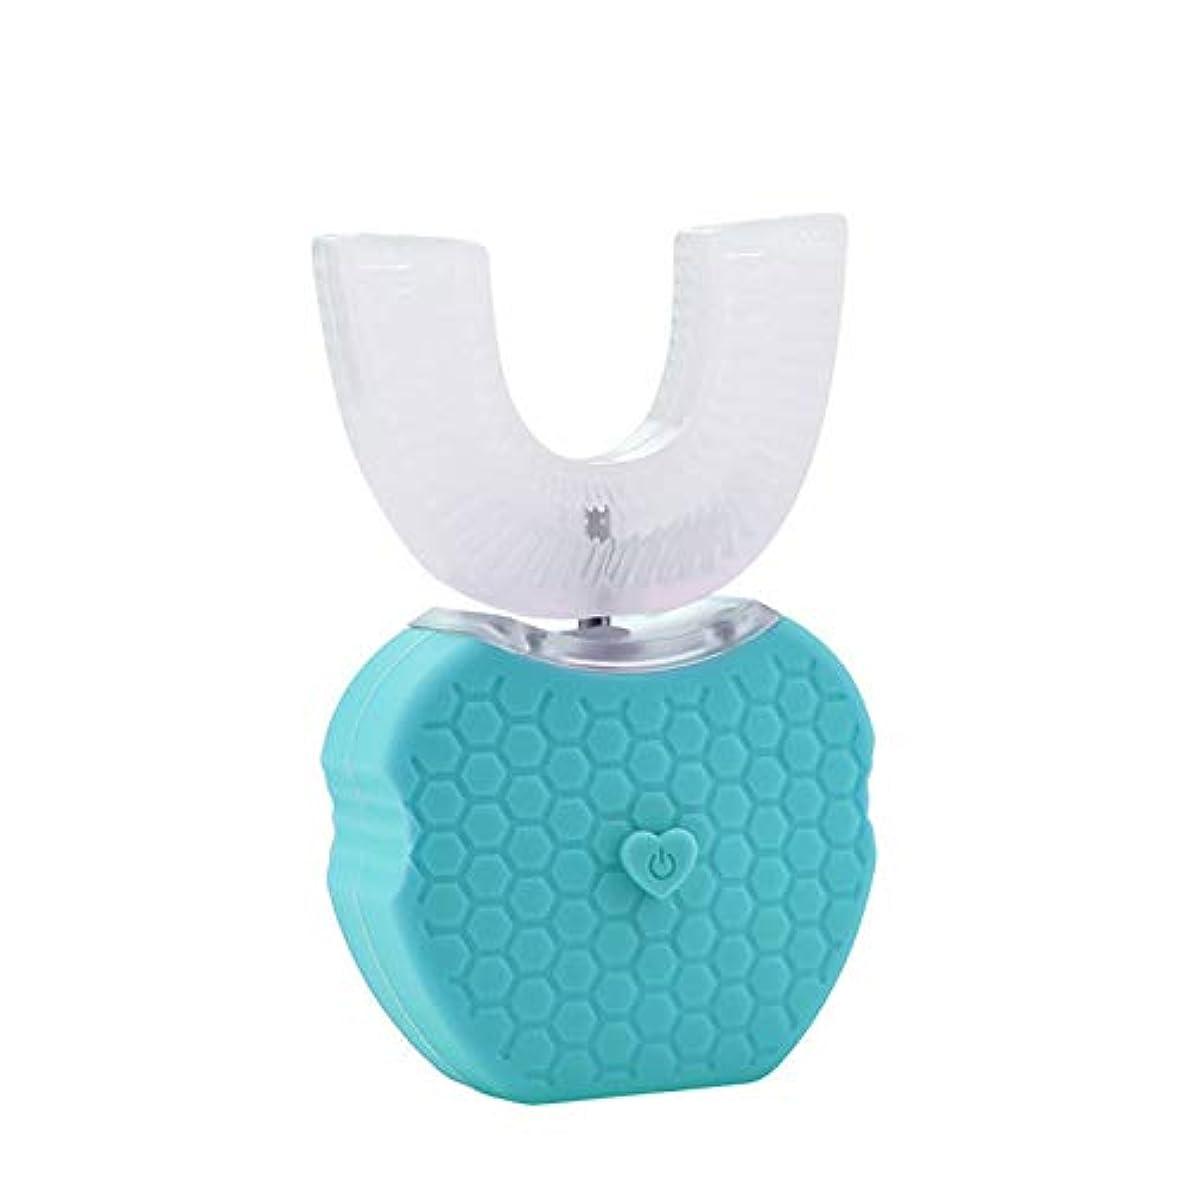 思いやりのある引き出し開発フルオートマチック可変周波数電動歯ブラシ、自動360度U字型電動歯ブラシ、ワイヤレス充電IPX7防水自動歯ブラシ(大人用),Blue